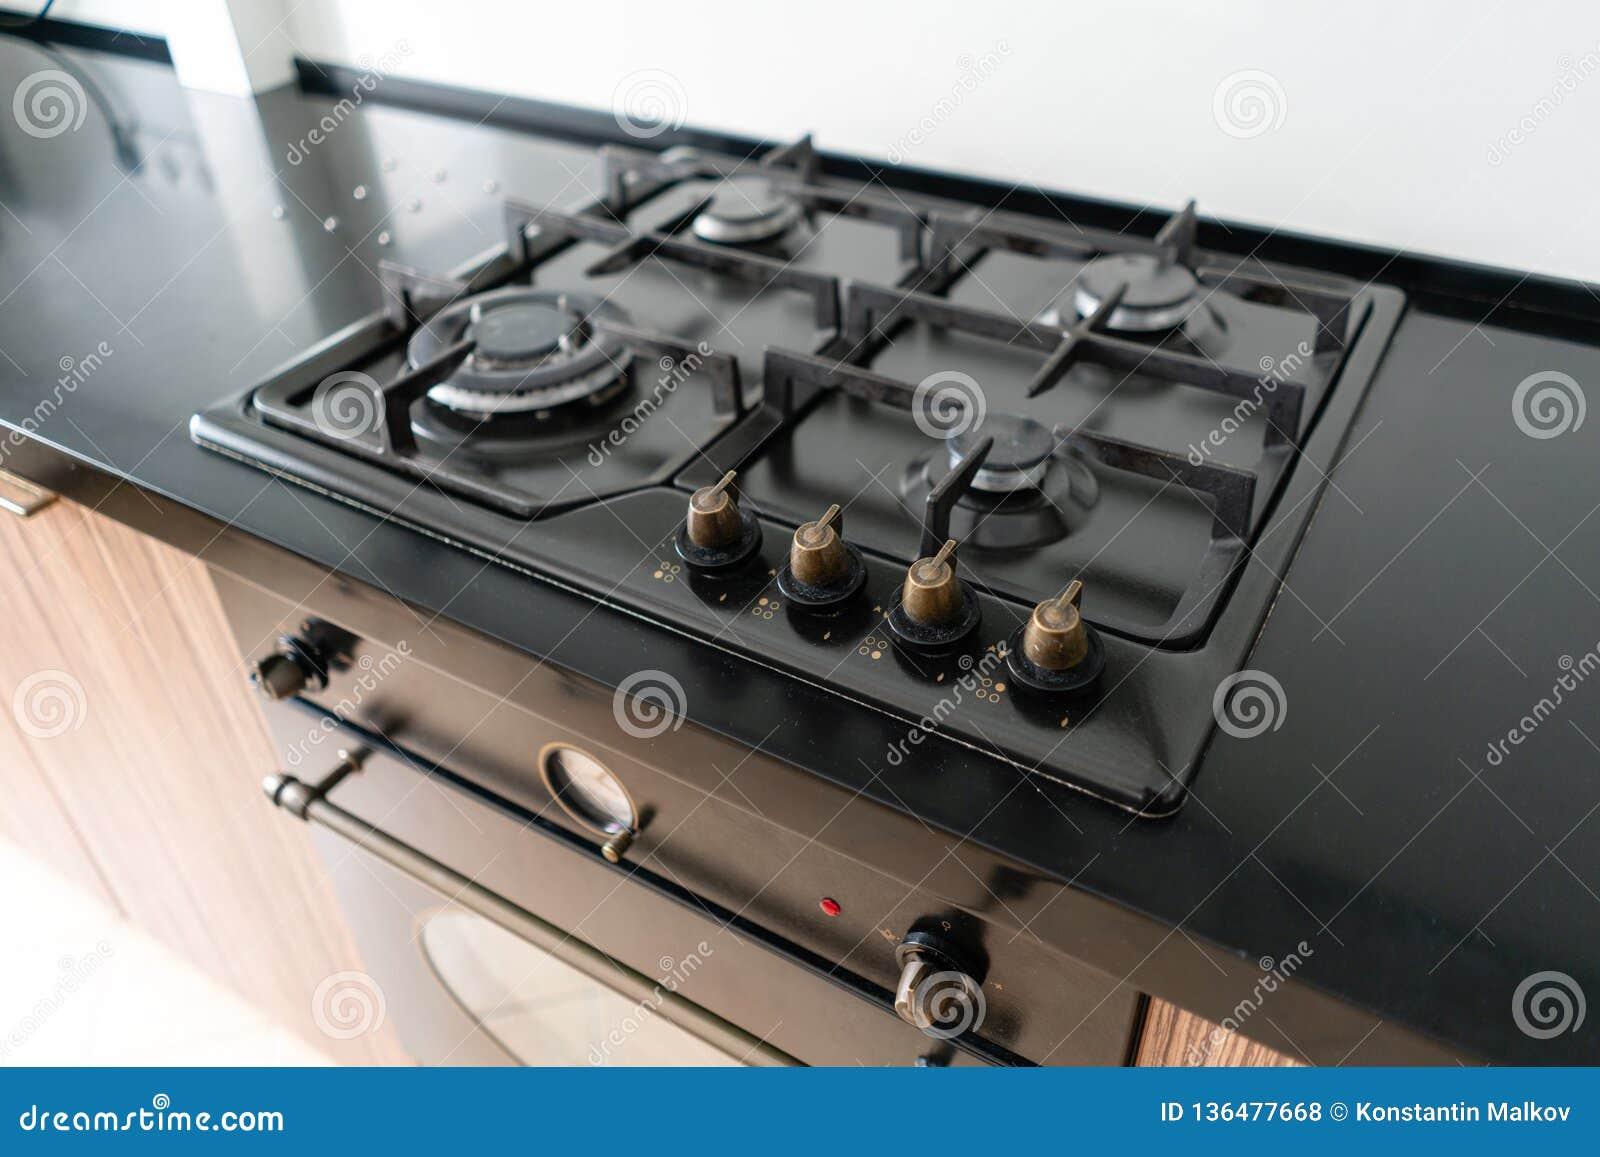 Moderner Gasbrenner Und Gewindebohrer Auf Einem Kochherd Dunkle